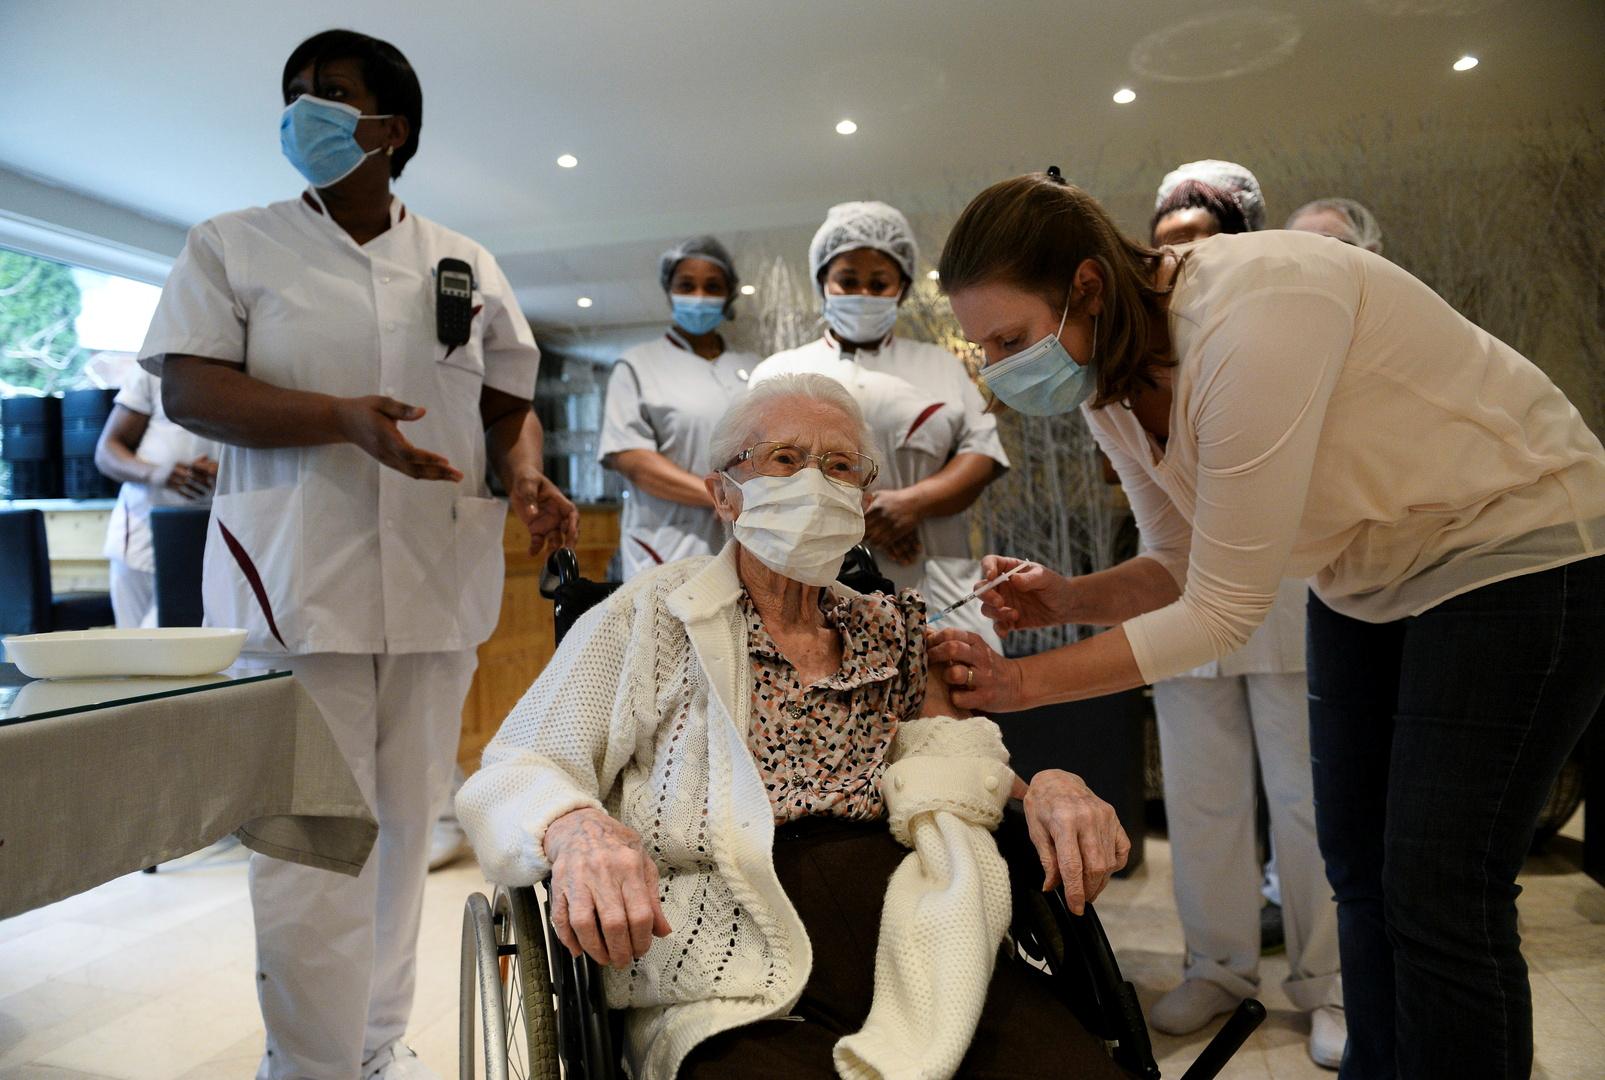 منظمة الصحة العالمية : أكثر من 90 مليون إصابة بفيروس كورونا عبر العالم